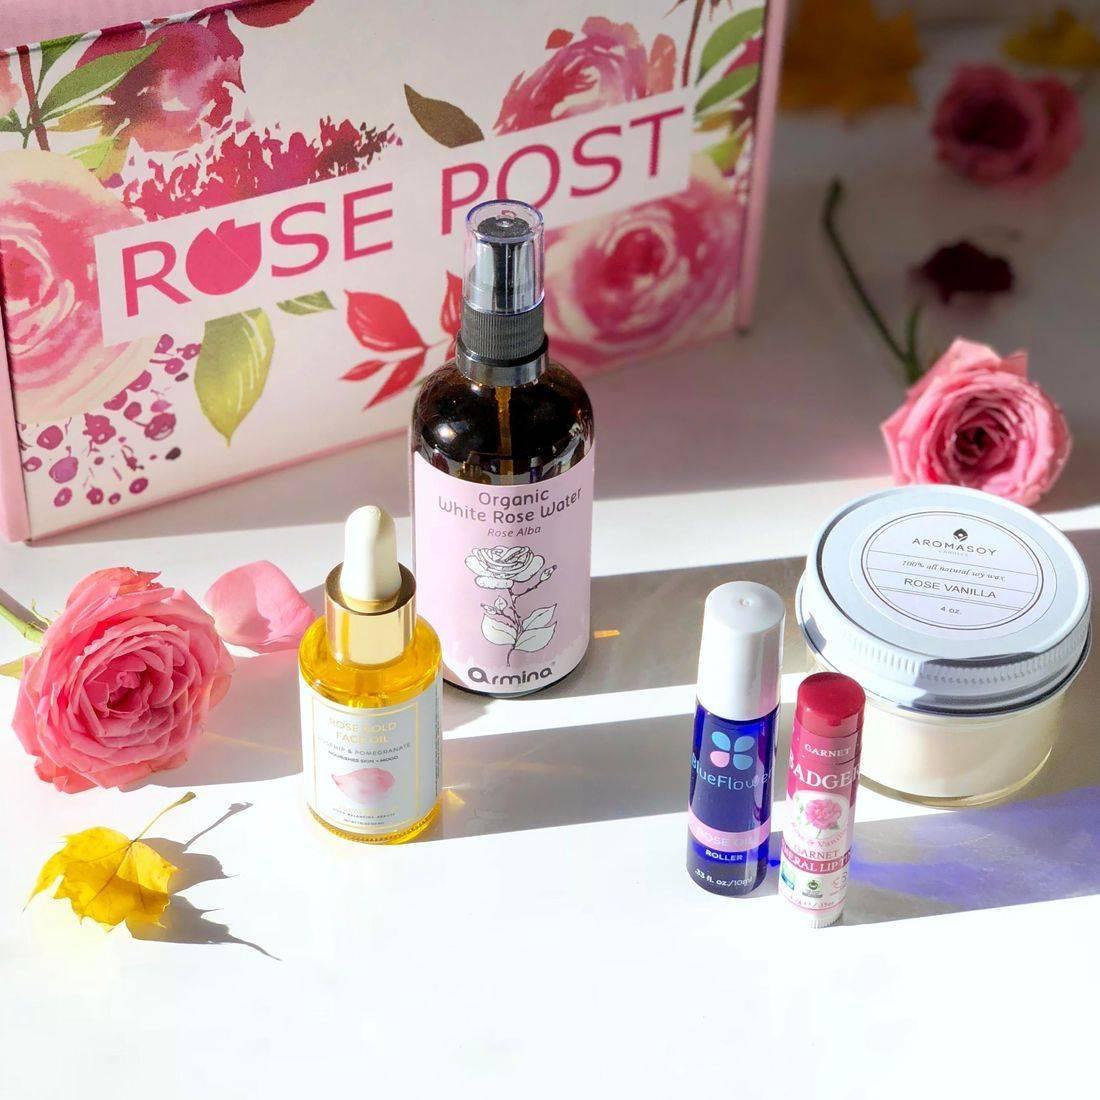 clean rose beauty, rose natural oil rose essential oil, rosepost box, rose-infused skincare